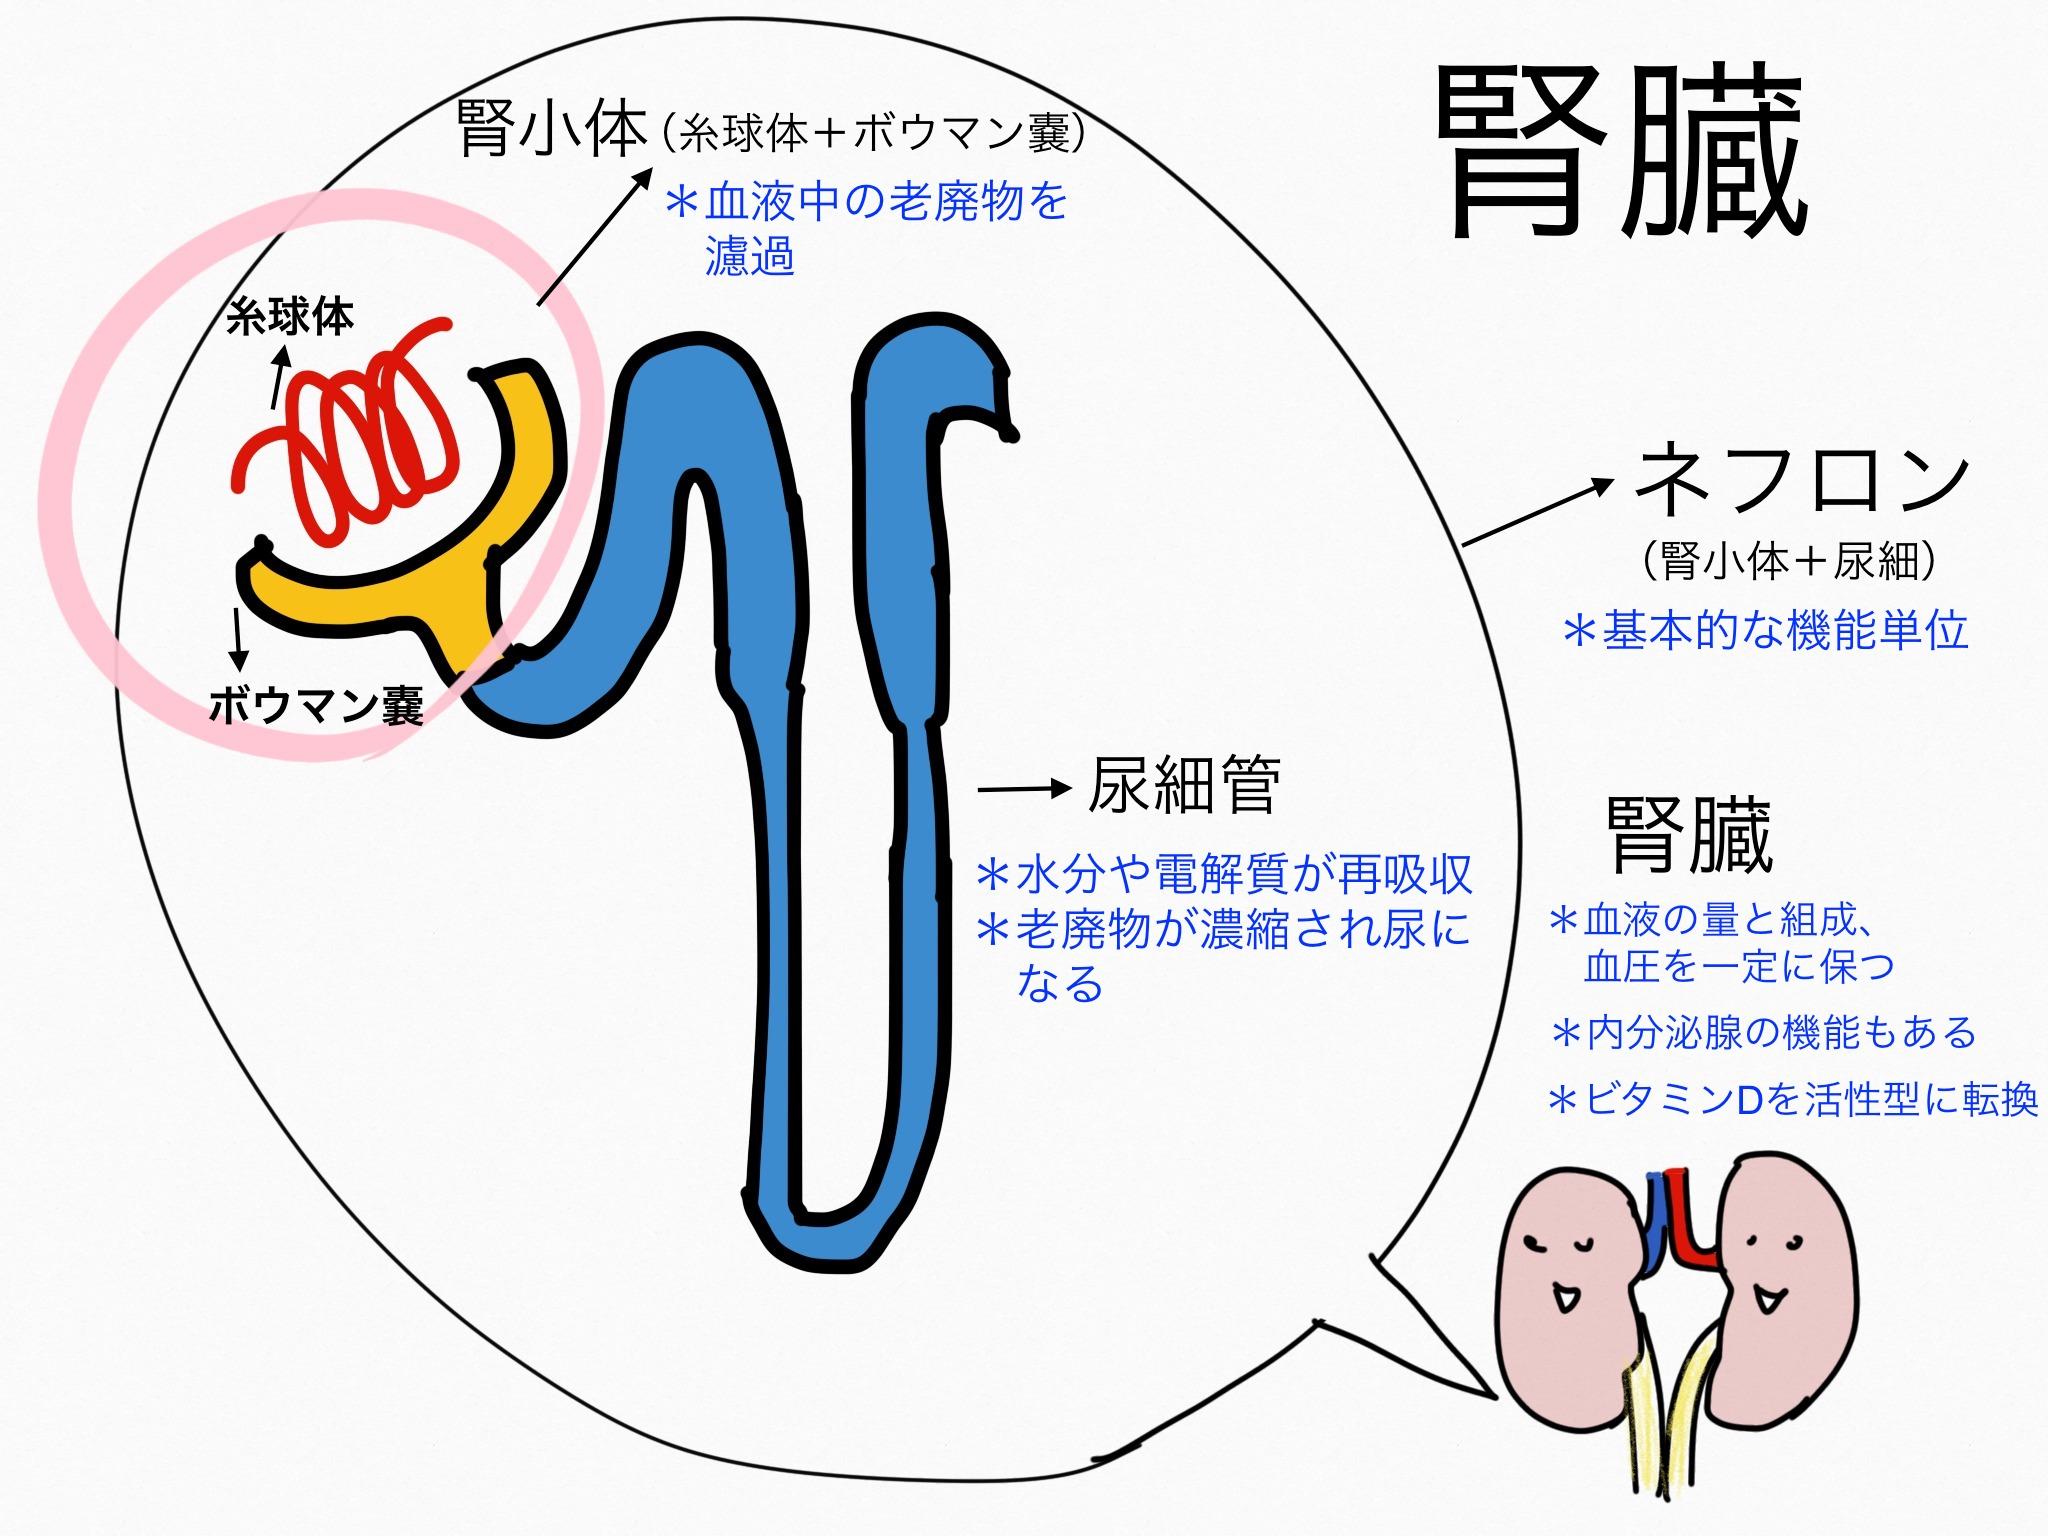 泌尿器系/腎臓【第2章の覚え方】